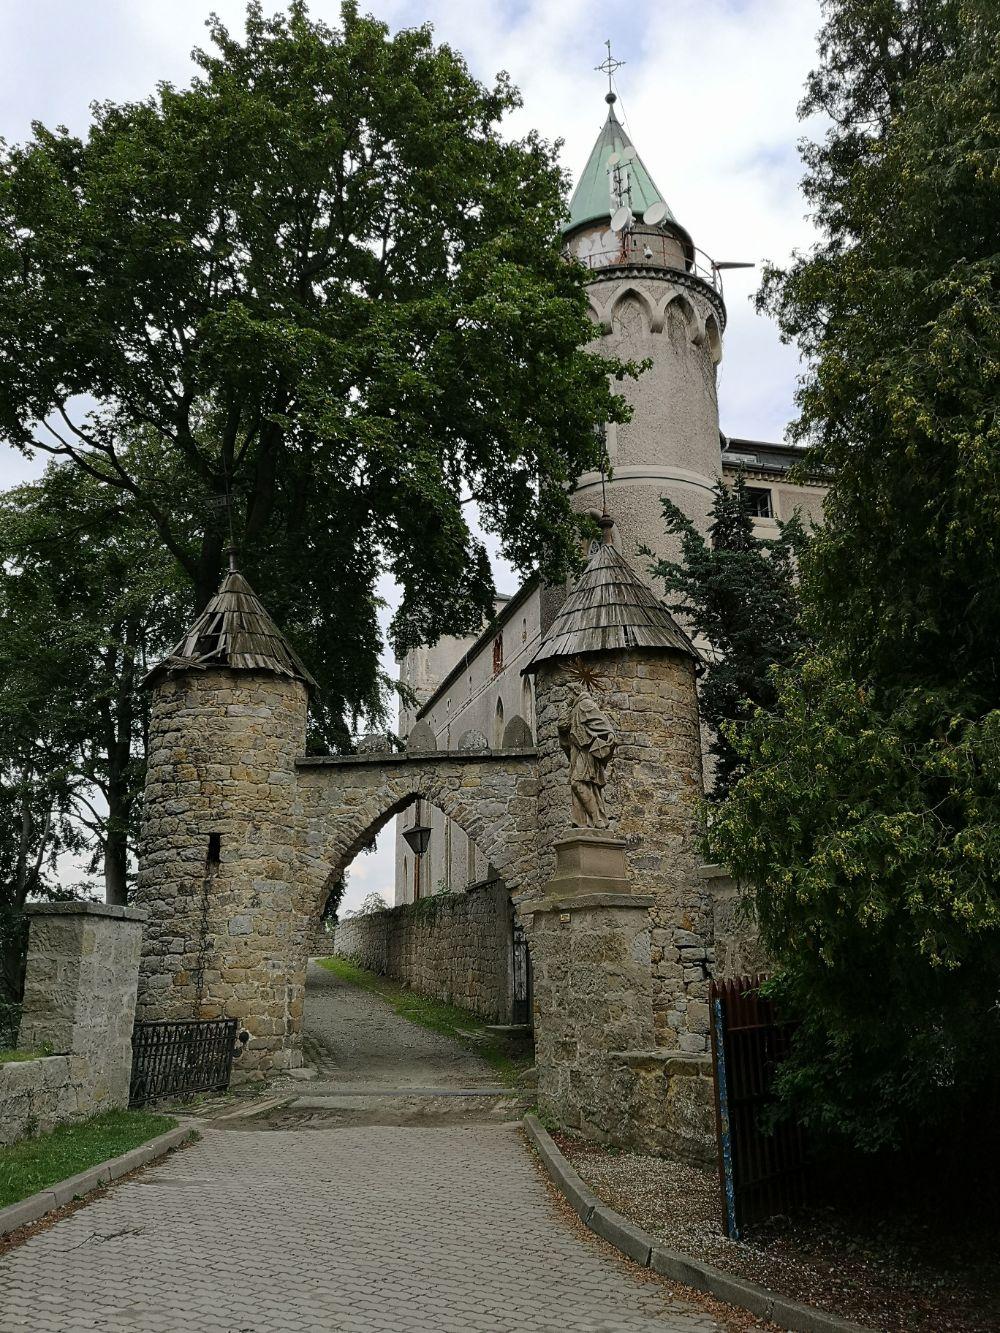 Wzgórze Szczytnik i Zamek Leśna Skała dolny śląśk zwiedzanie blog podróżniczy